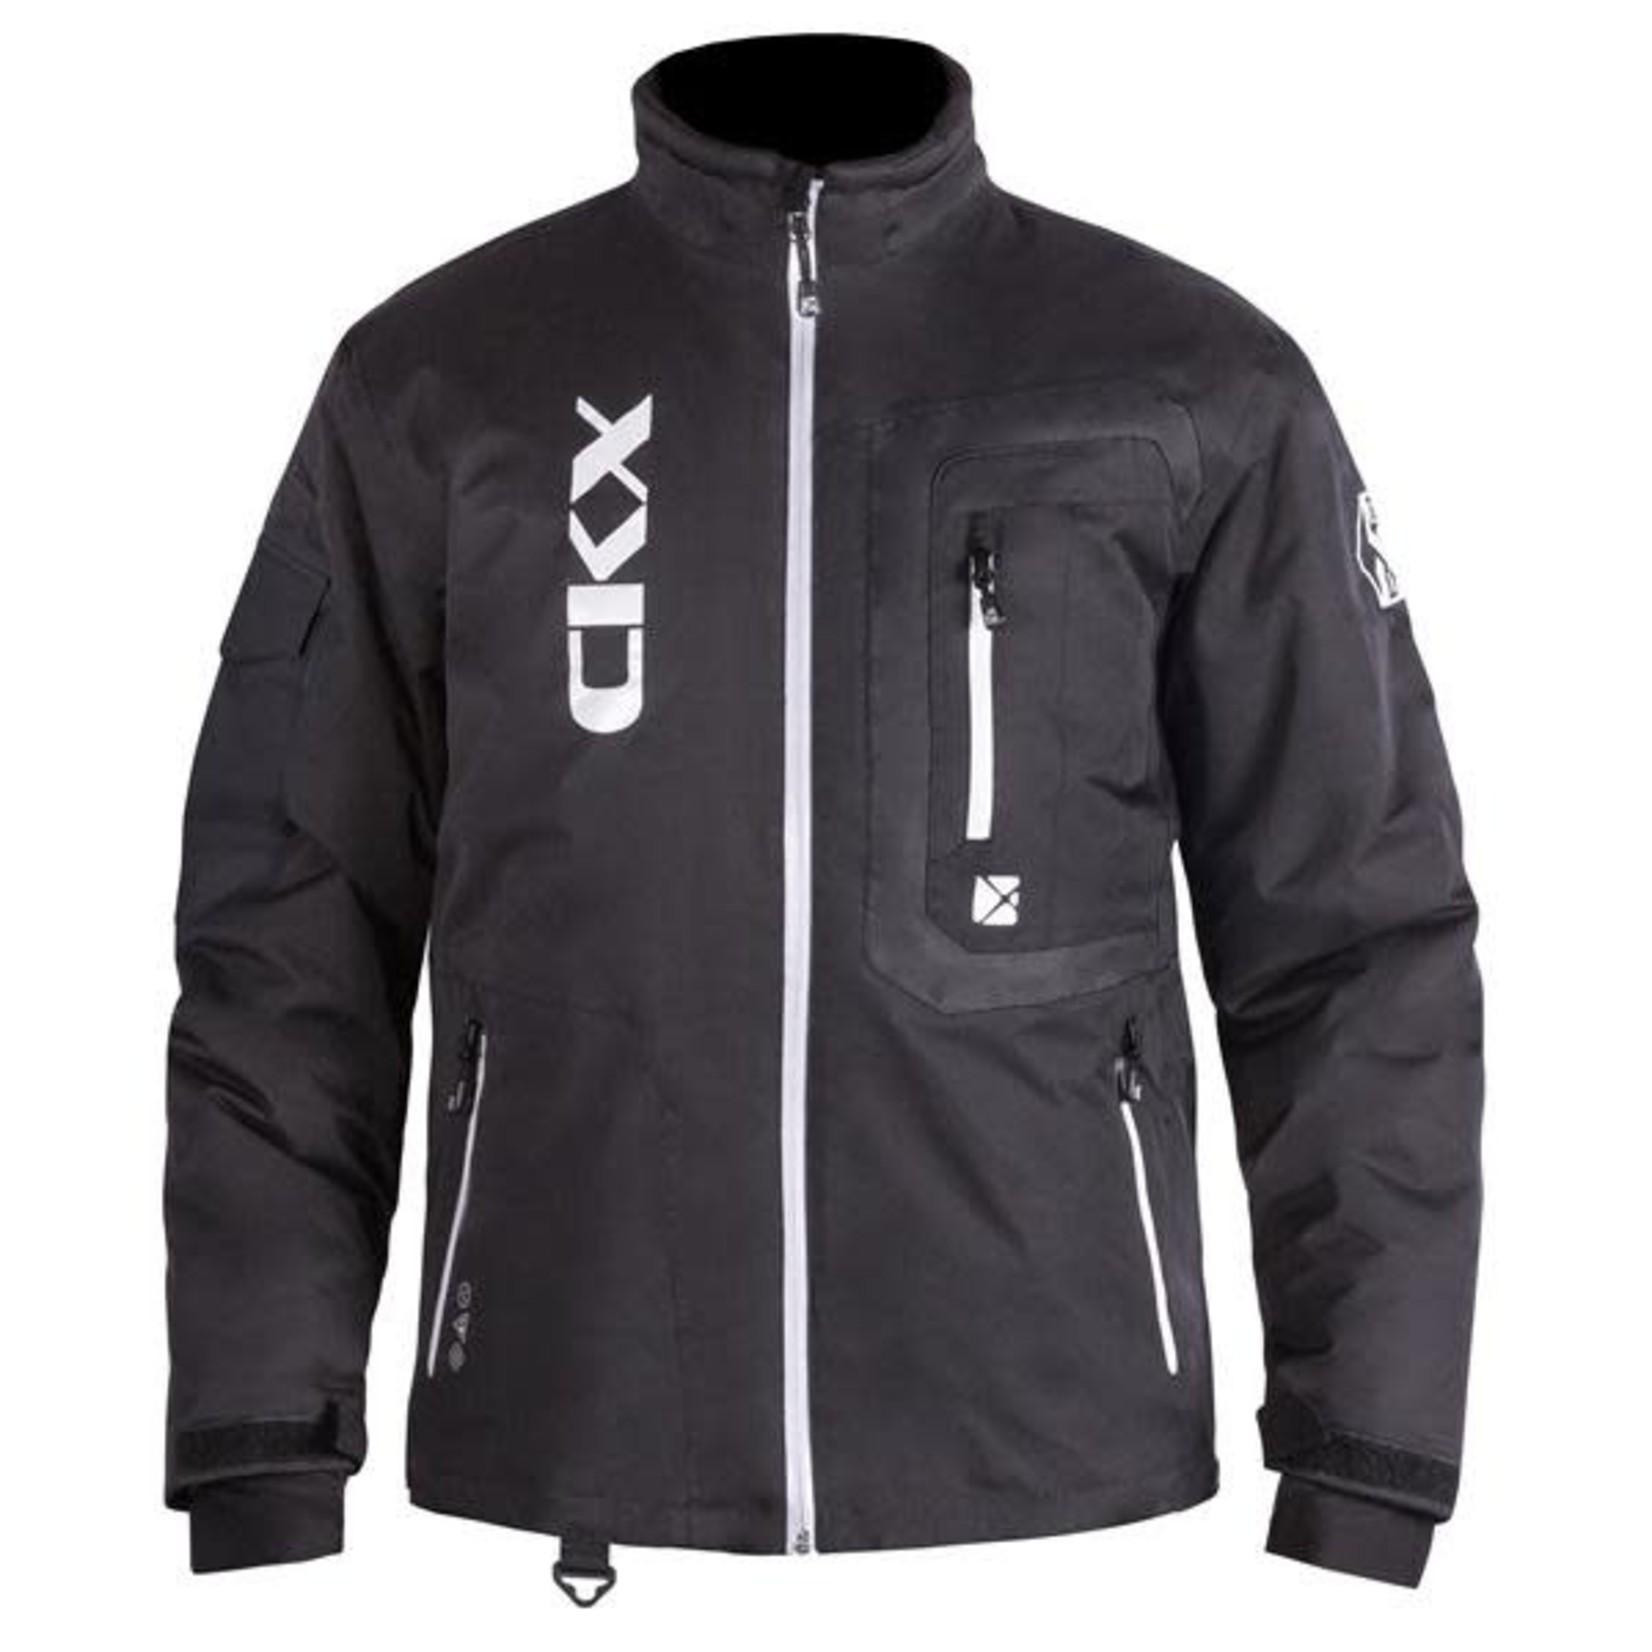 CKX CKX Master Jacket